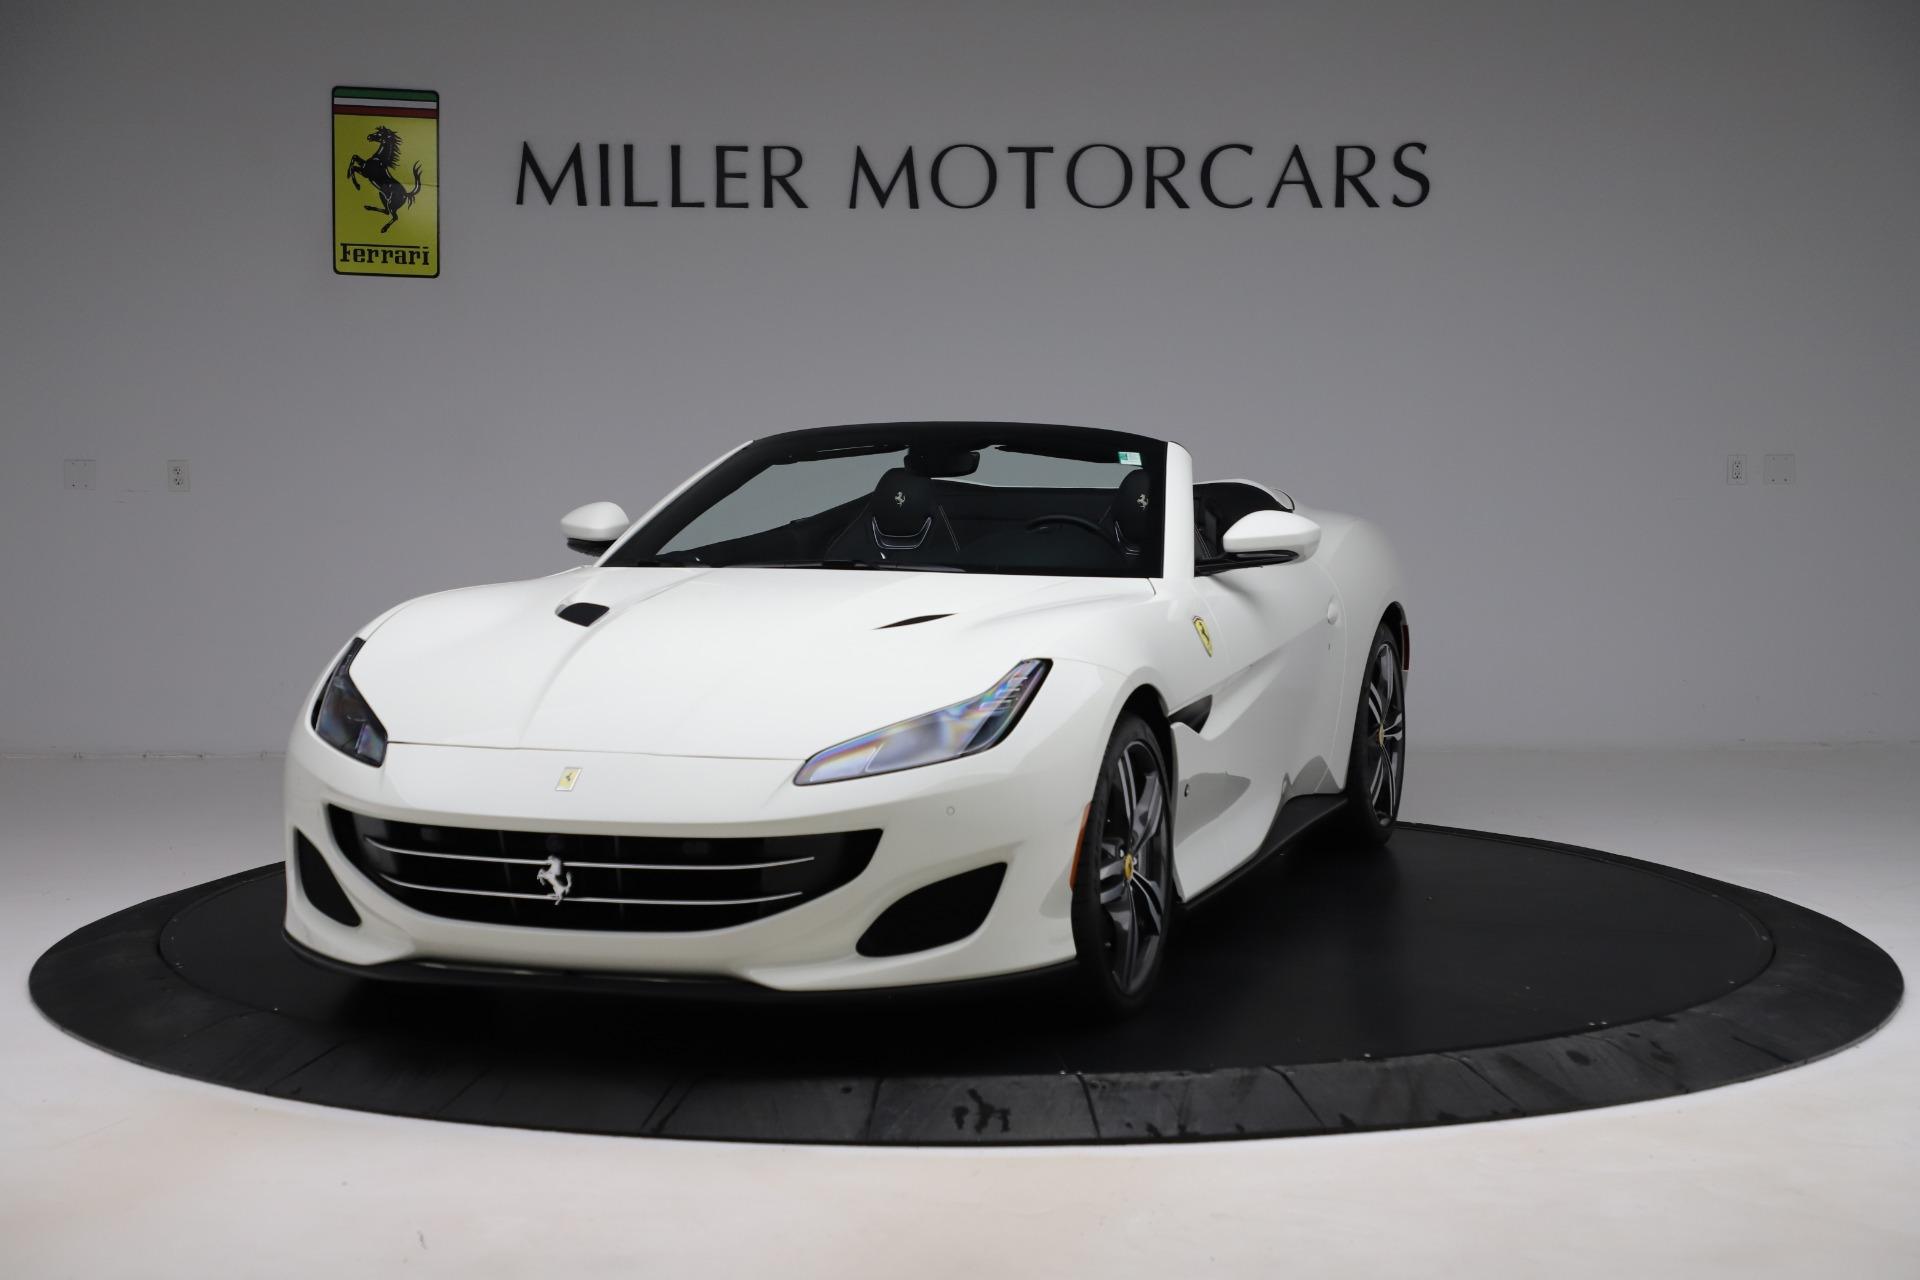 Used 2019 Ferrari Portofino for sale Sold at Bugatti of Greenwich in Greenwich CT 06830 1